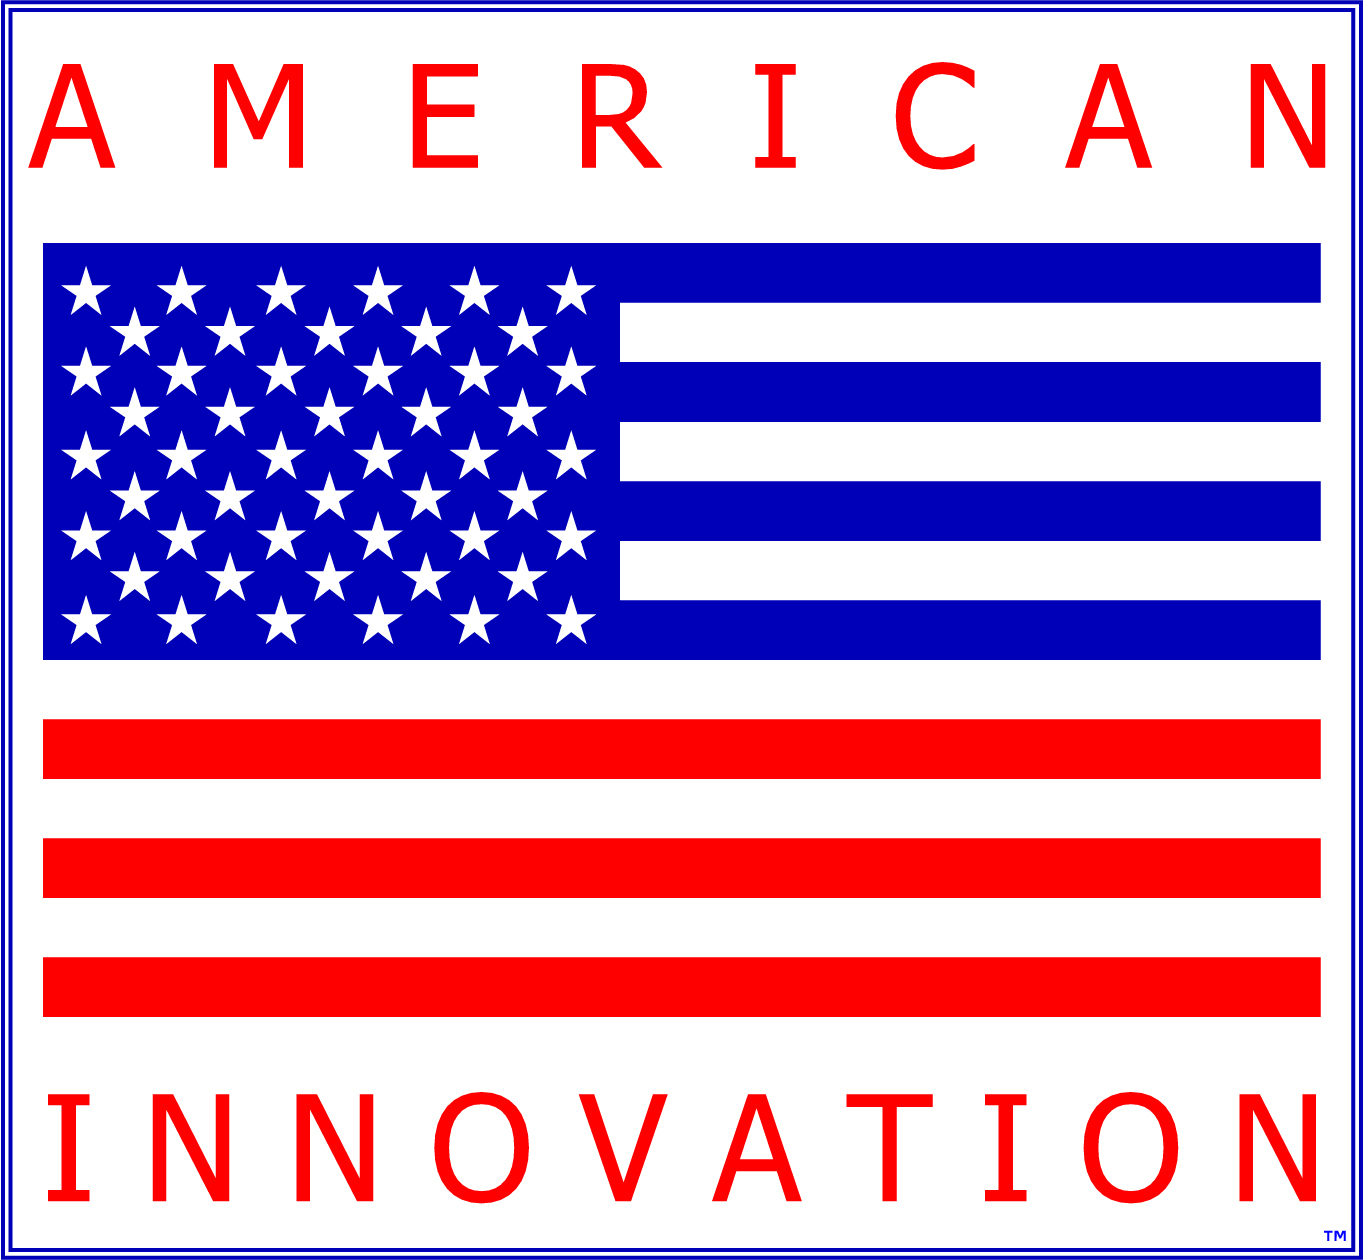 american-innovation.jpg